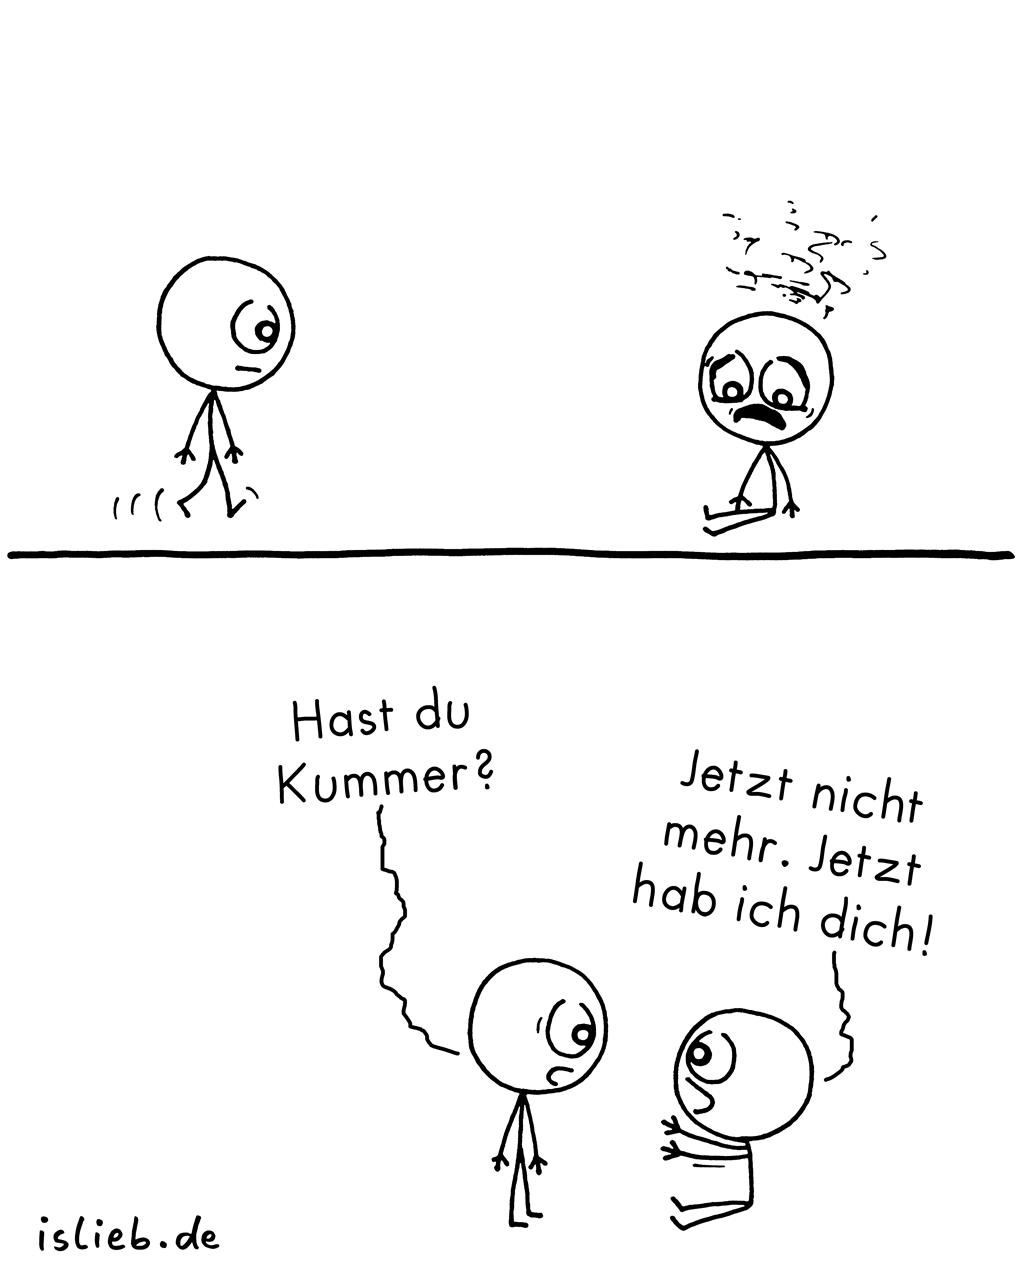 Kummer | Strichmännchen-Comic | is lieb?